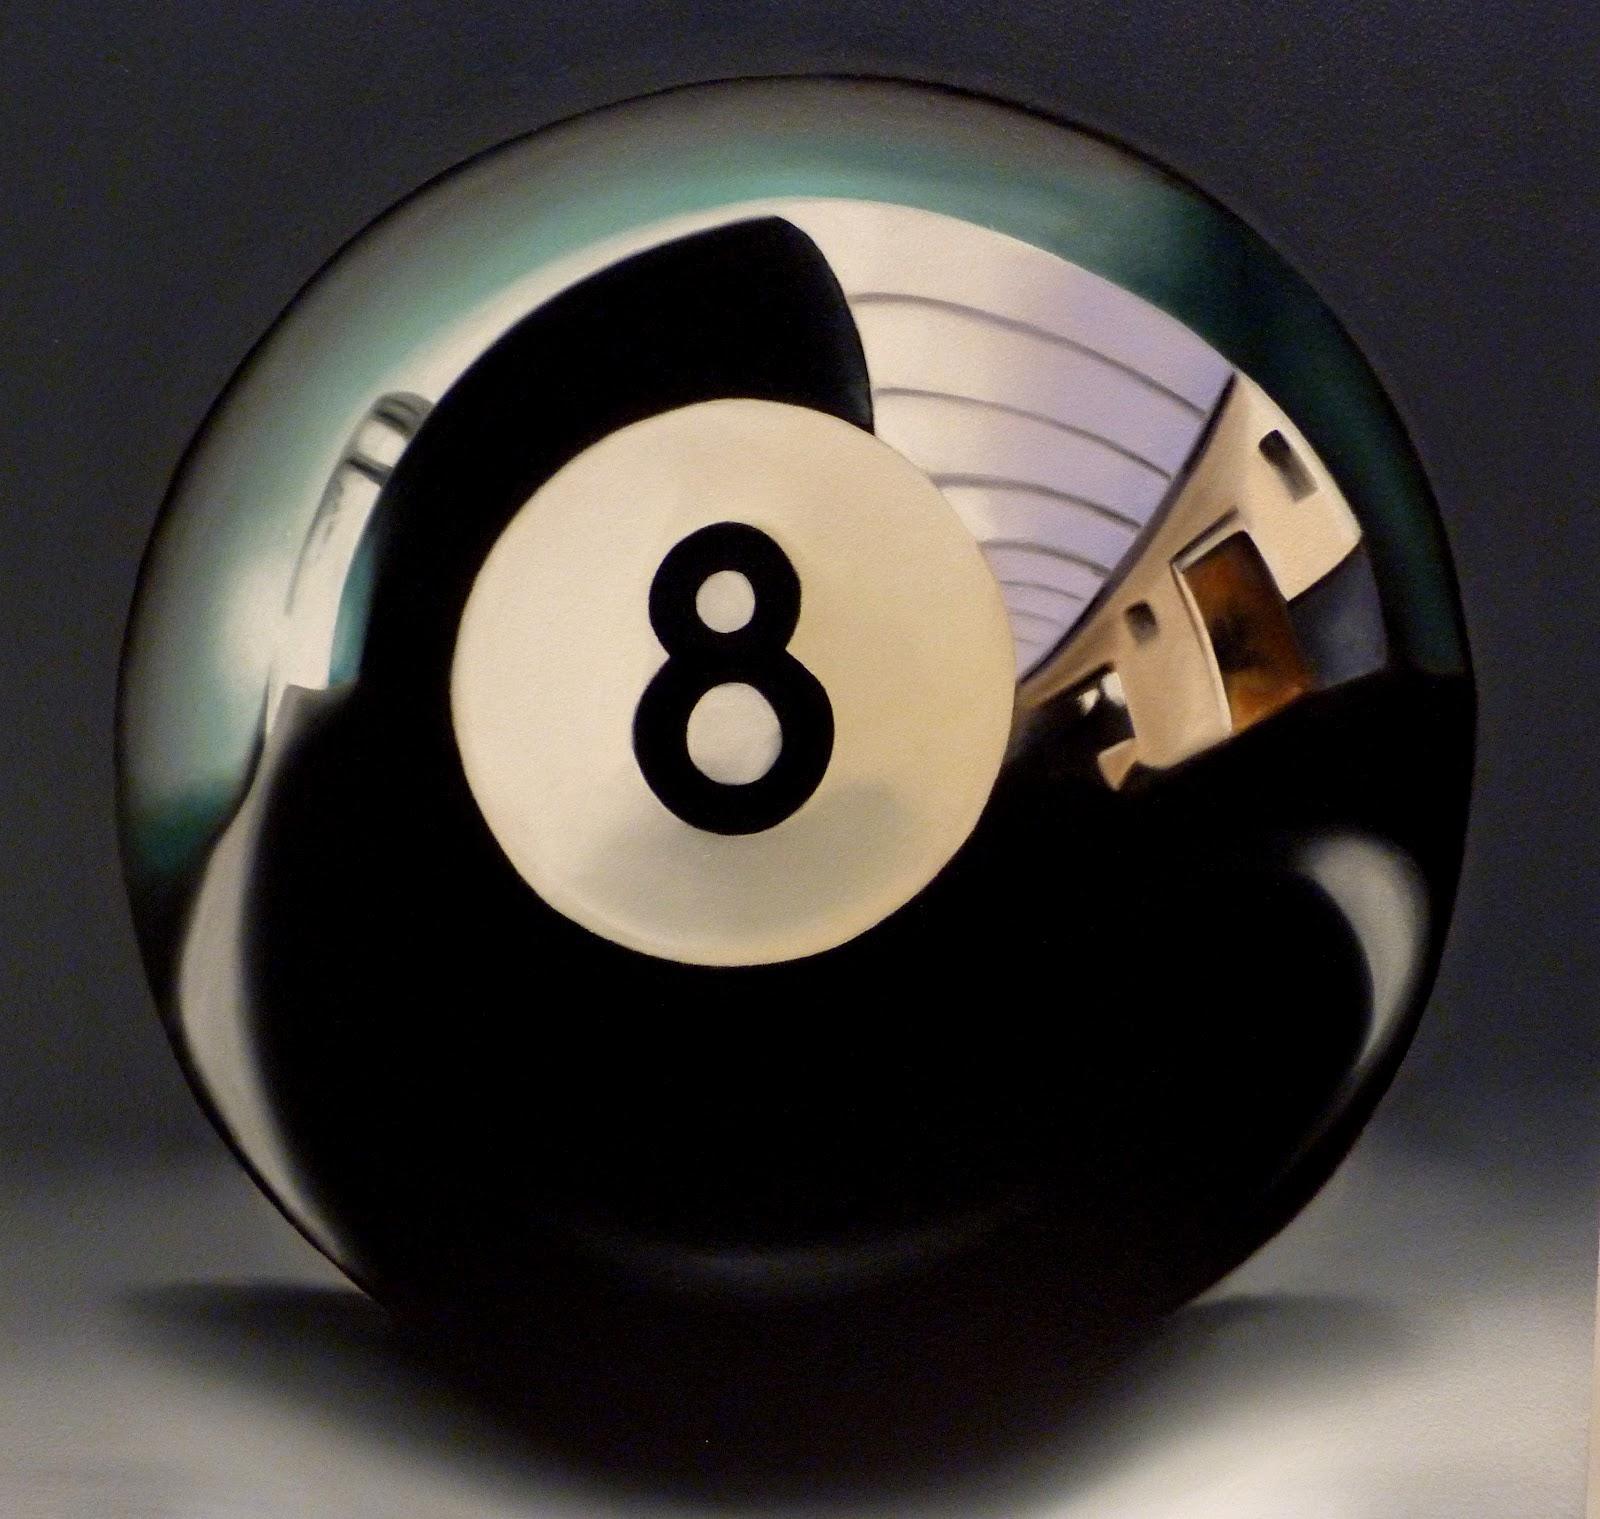 8 Ball Pool 8